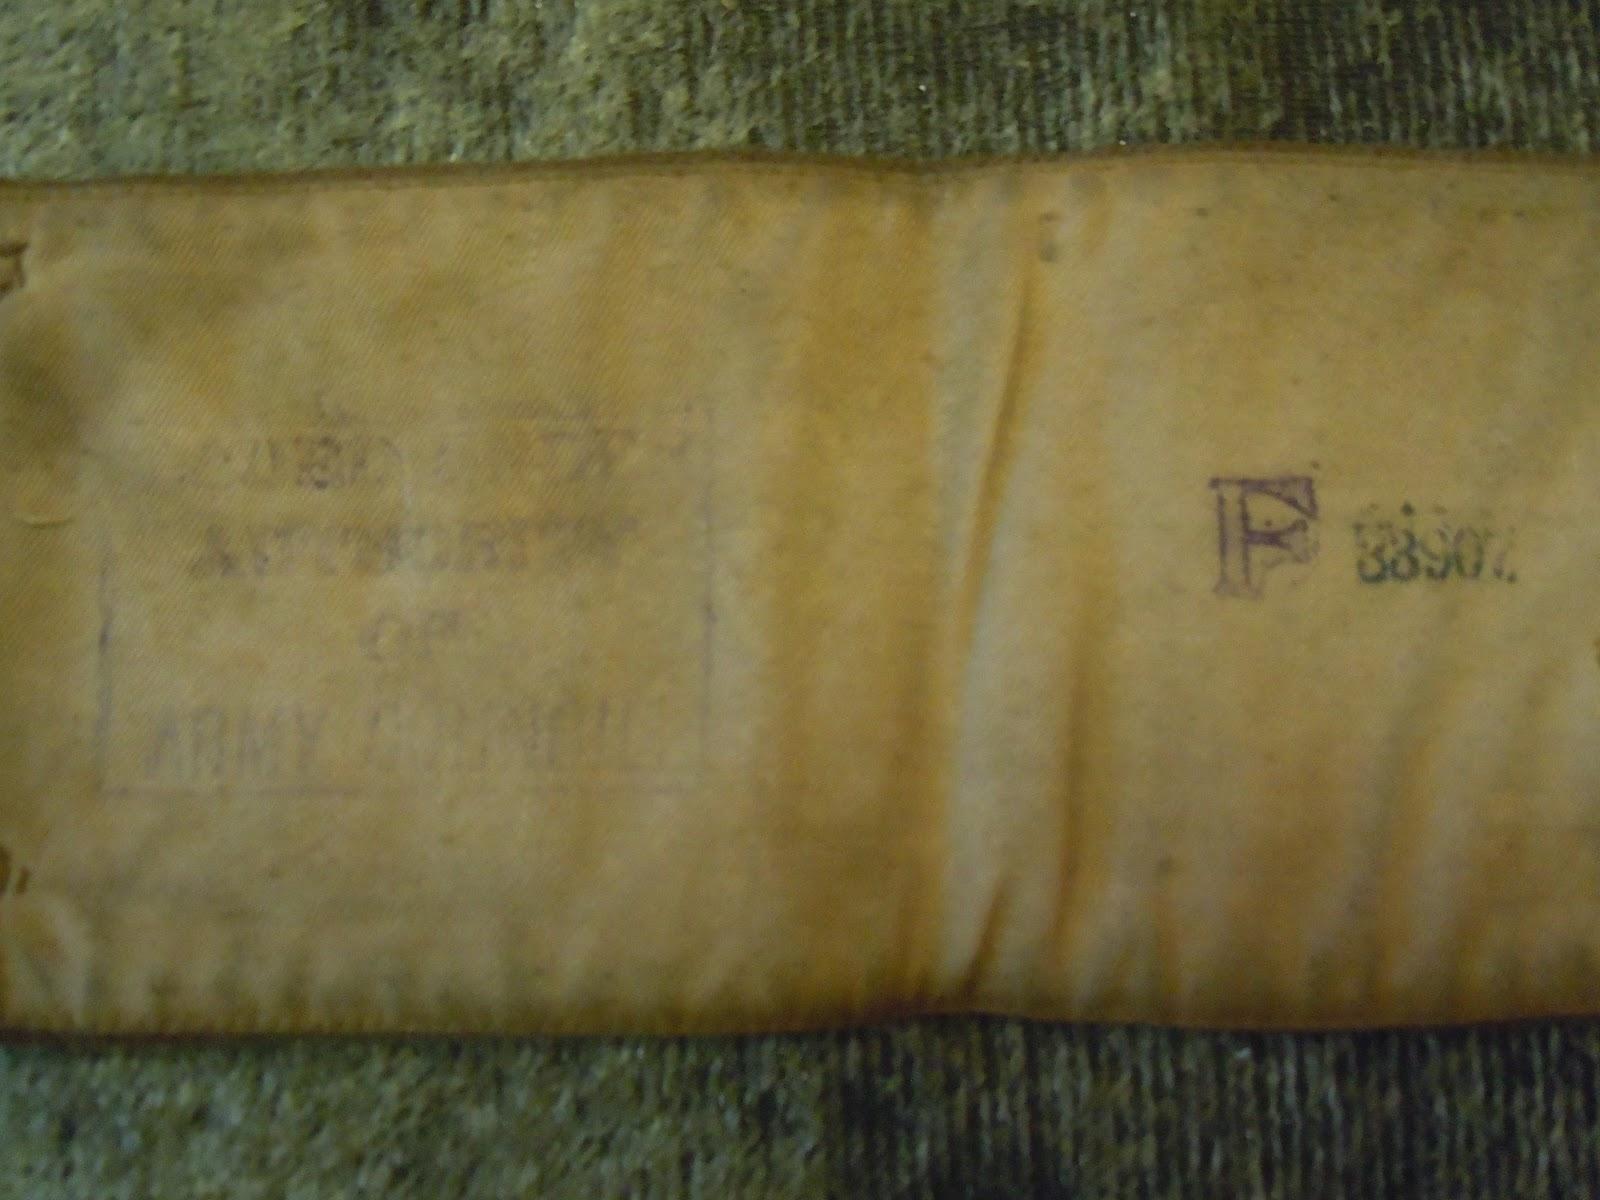 derby scheme armband 003.JPG